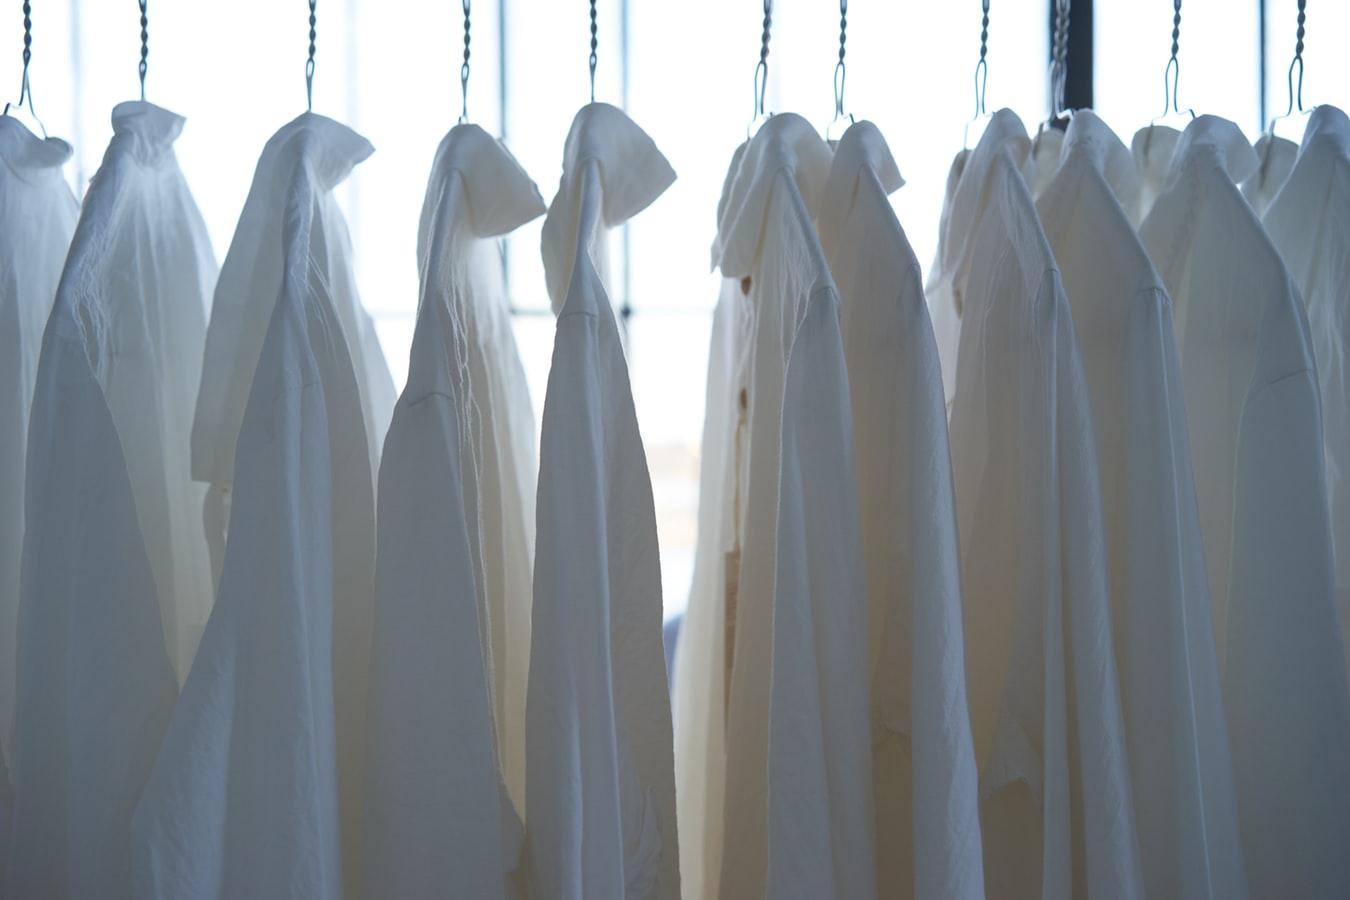 夏に着る手頃な価格の長袖トップスは「Hanes」がおすすめ